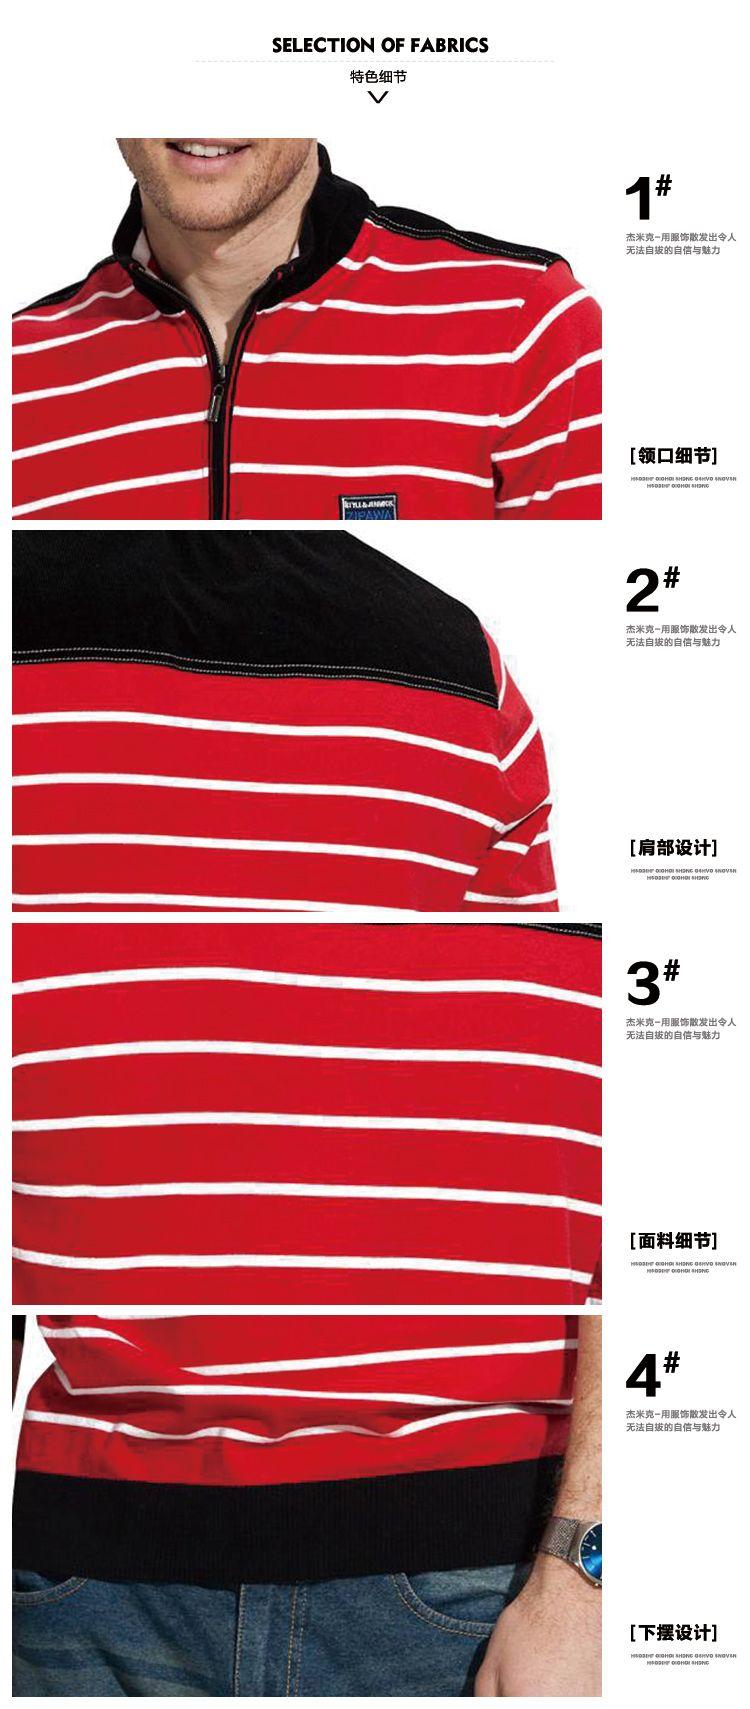 男款商务休闲条纹大红色纯棉长袖t恤